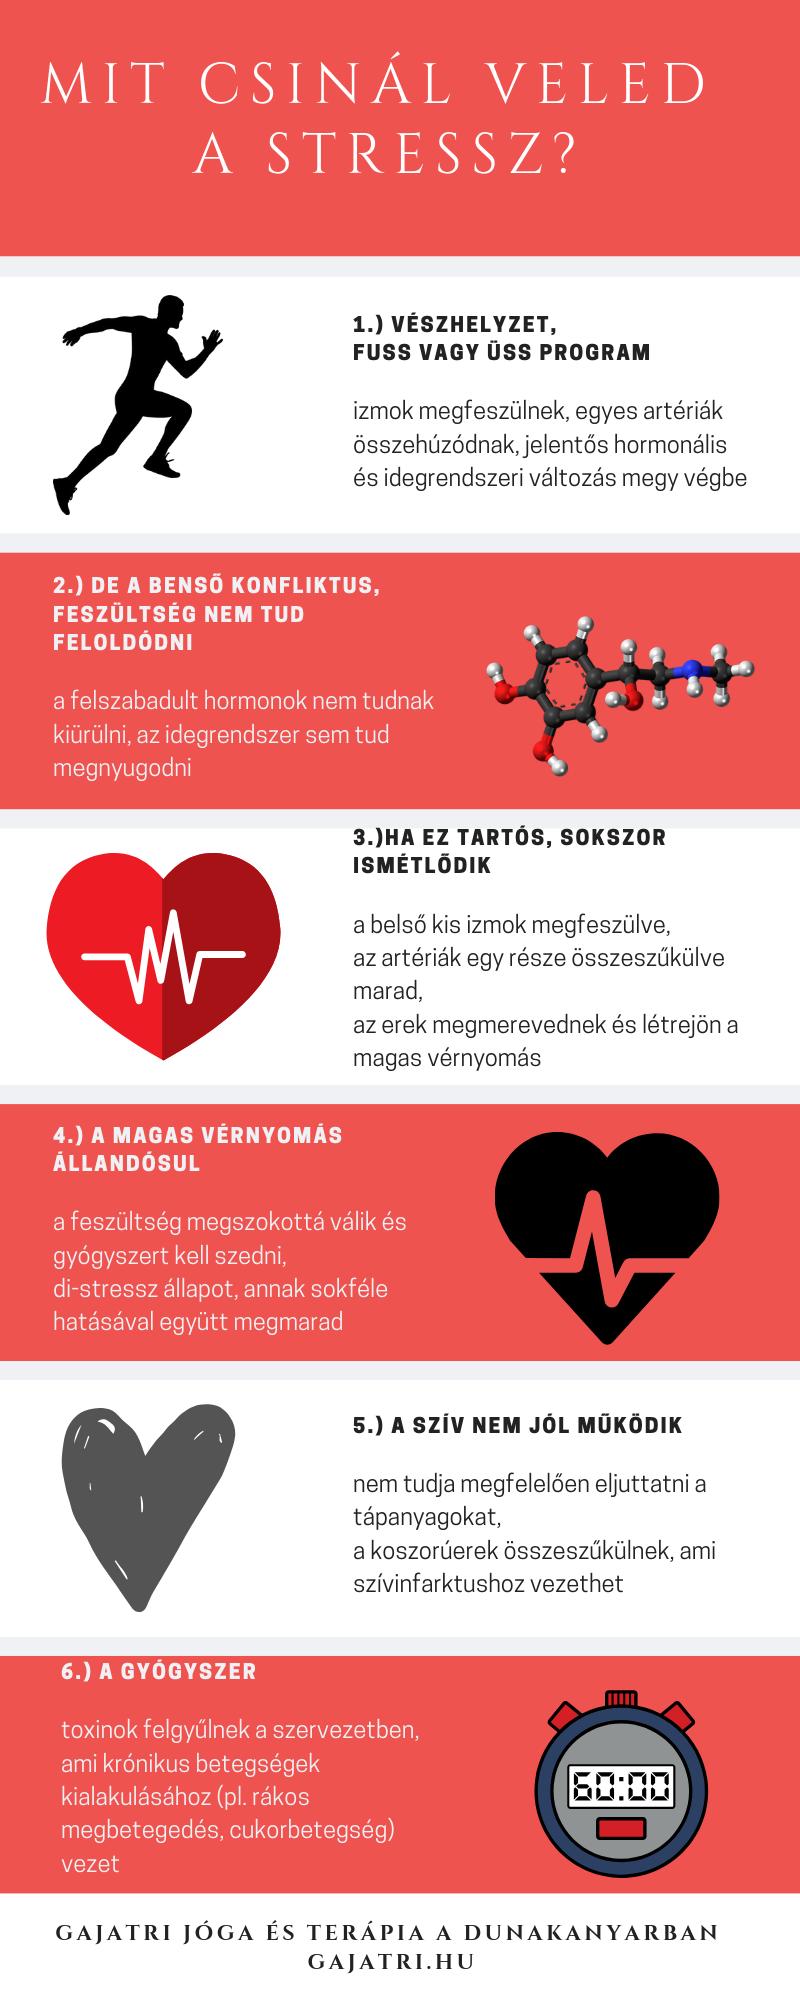 Ayurvédikus a magas vérnyomás ellen